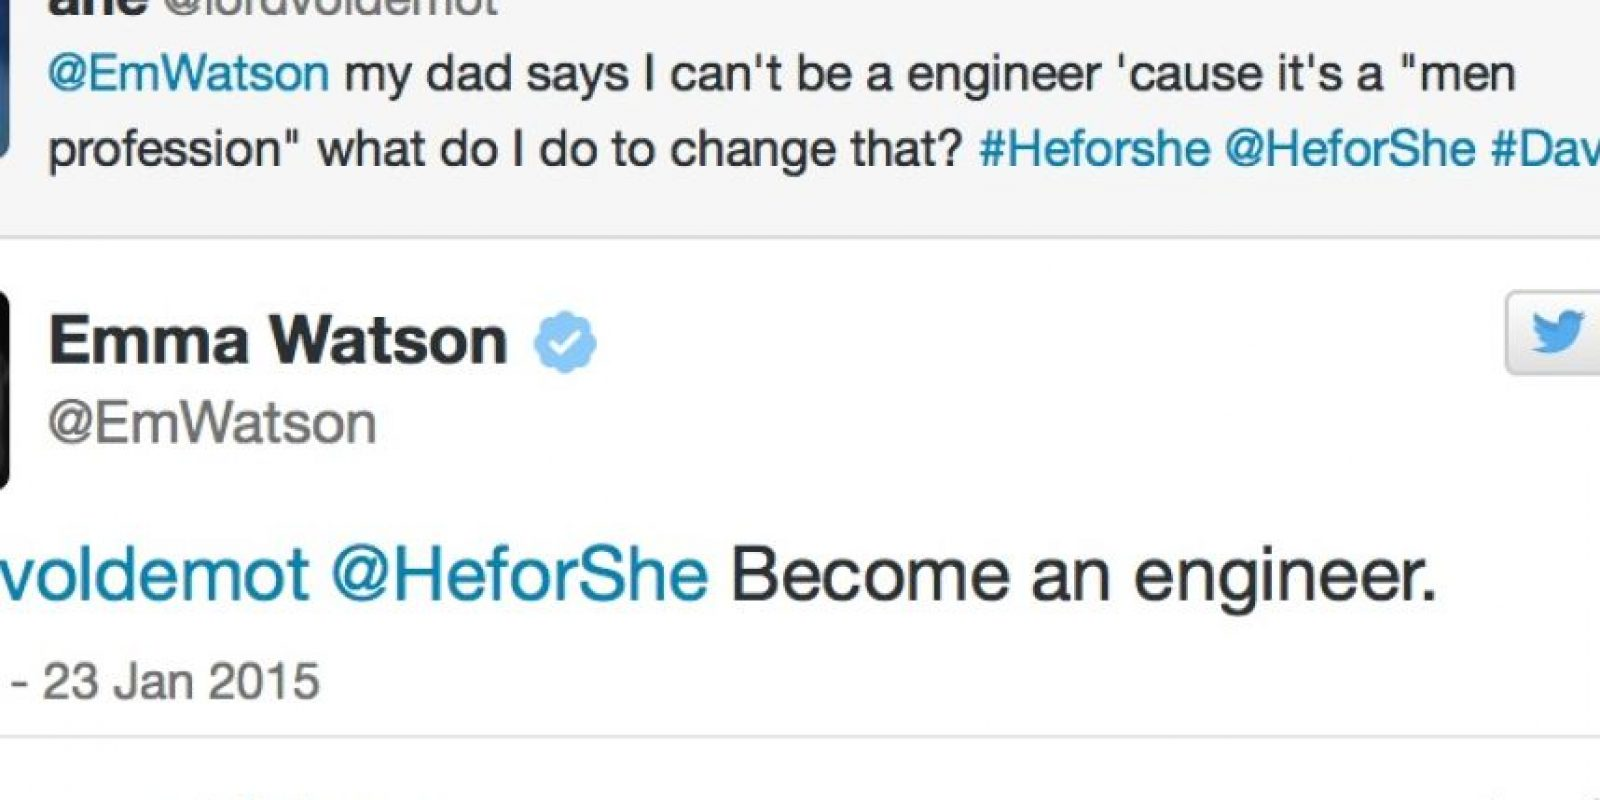 """Emma motivó a una muchacha que quería ser ingeniera pero que tiene un padre machista. La joven le preguntó: """"Mi padre dice que no puedo ser ingeniera porque es para hombres. ¿Qué hago?"""". Emma le dice: Sé una ingeniera. Foto:Emma Watson/Twitter"""